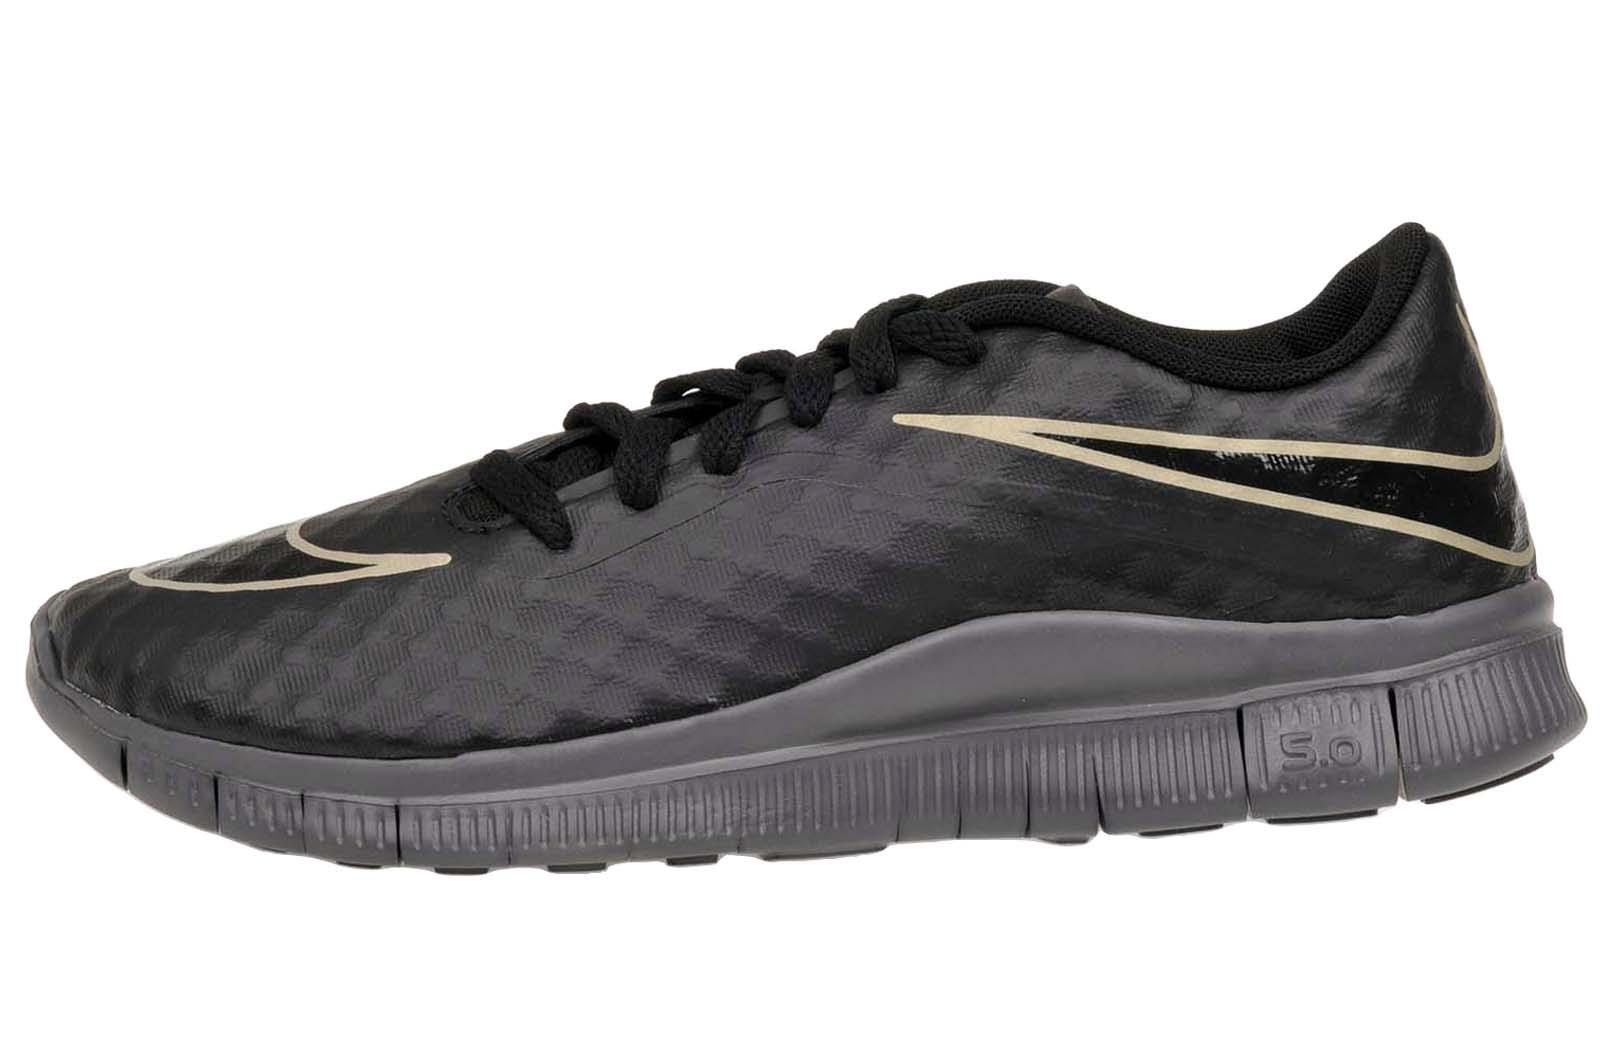 Nike Free Hypervenom GS Kids Youth Boys Girls Running ... Nike Free  Hypervenom 2 - Shoes High - TonyStreets ...